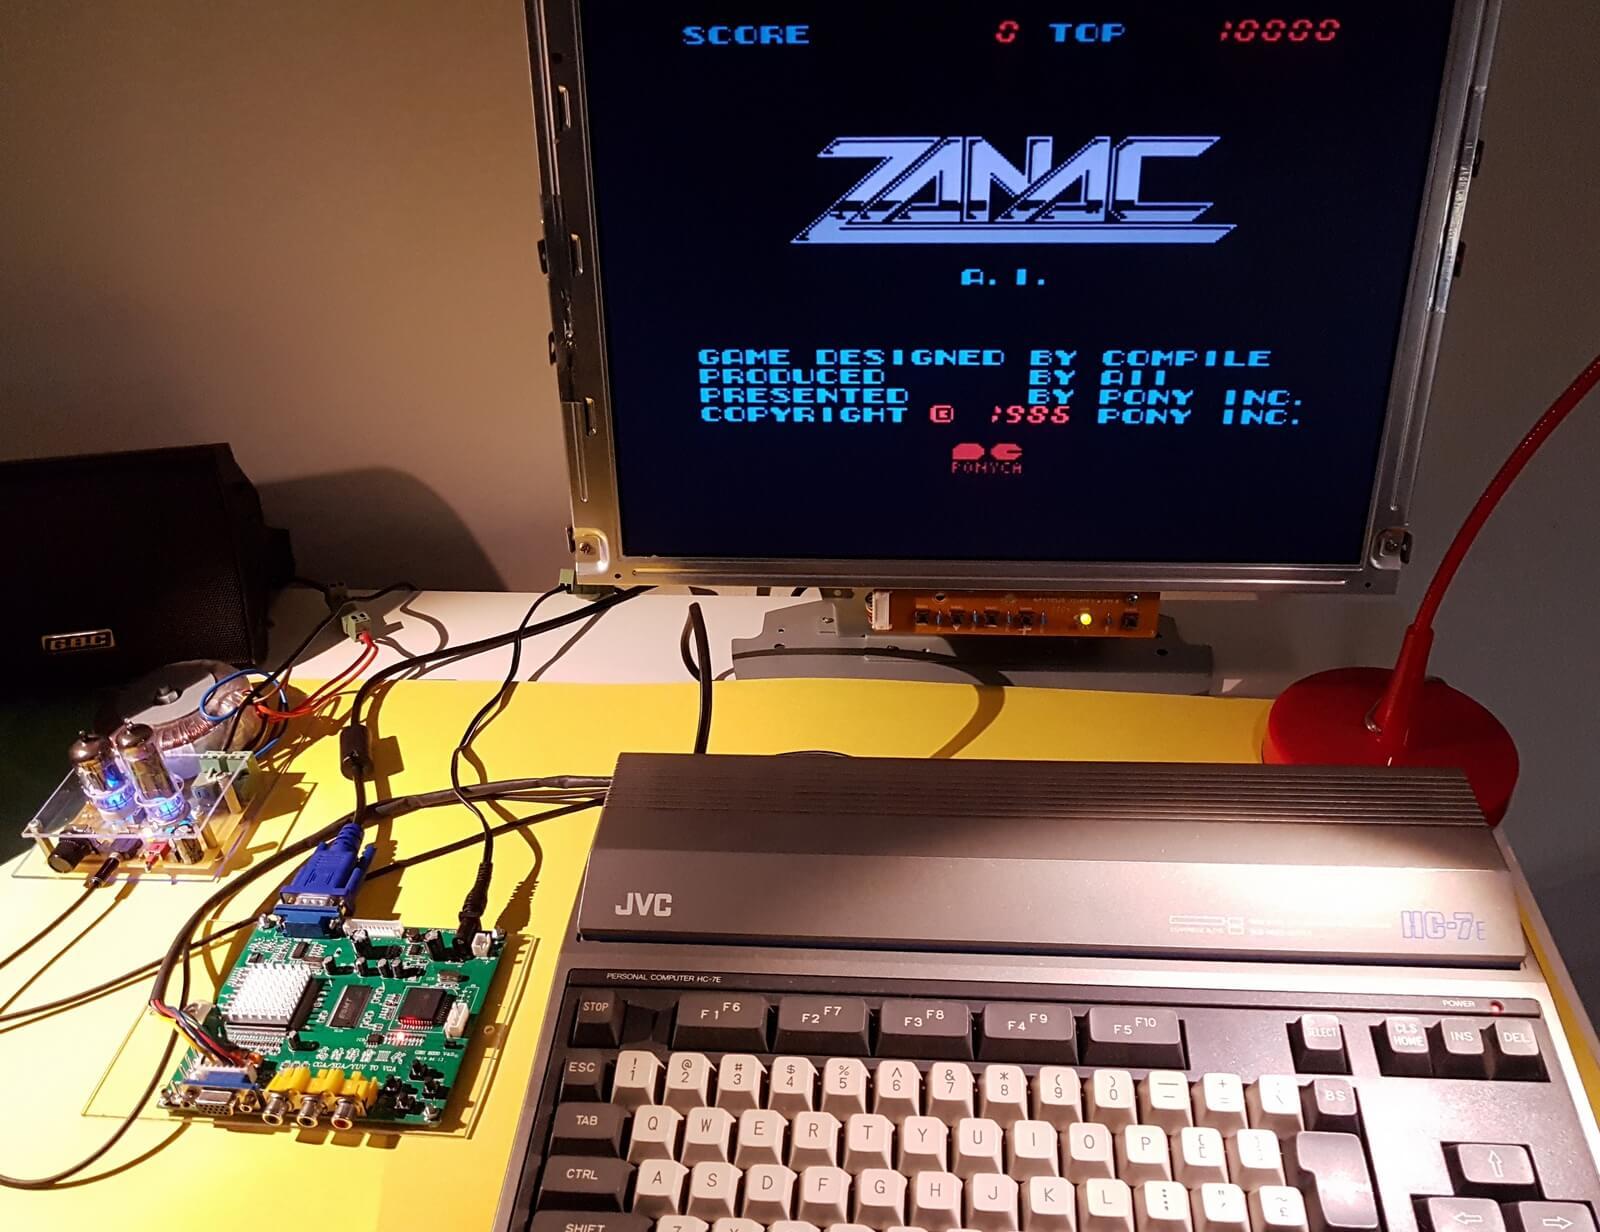 Ordenador MSX con uno de los juegos que he logrado cargar